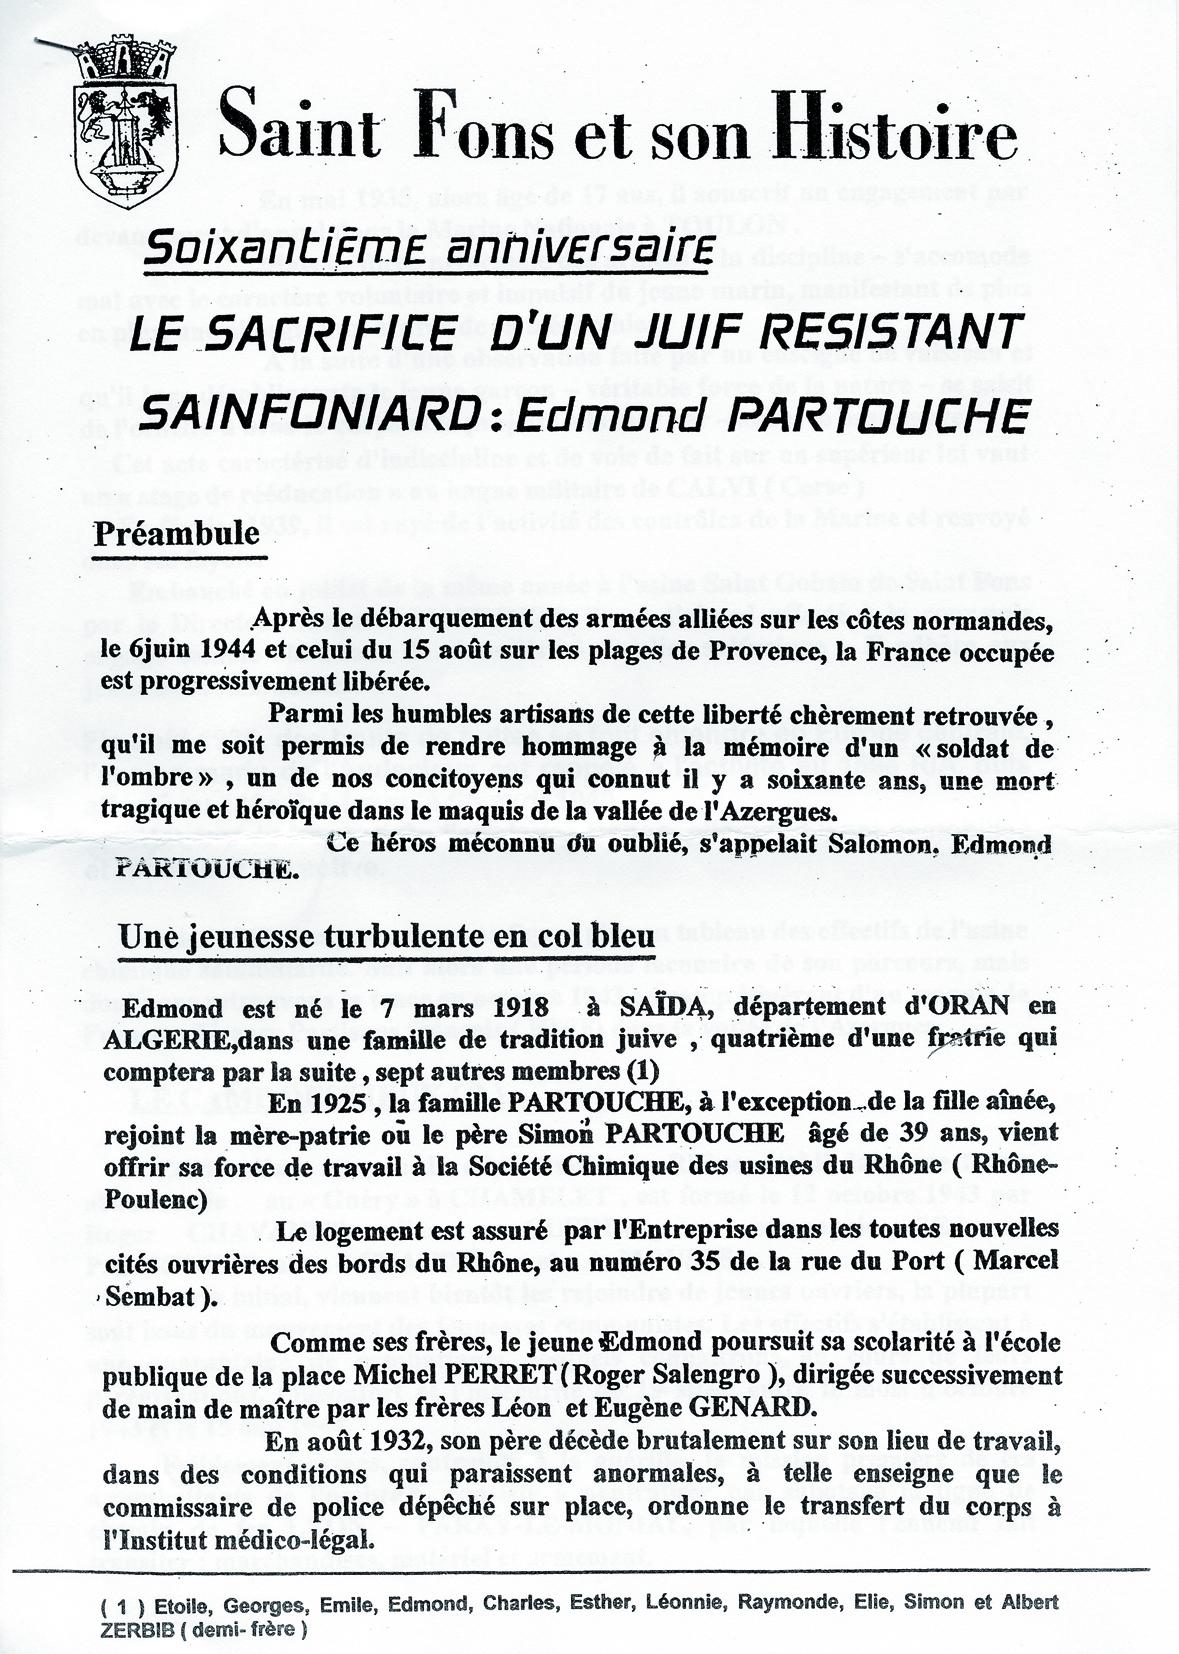 Partouche-Edmond11 (Presse)